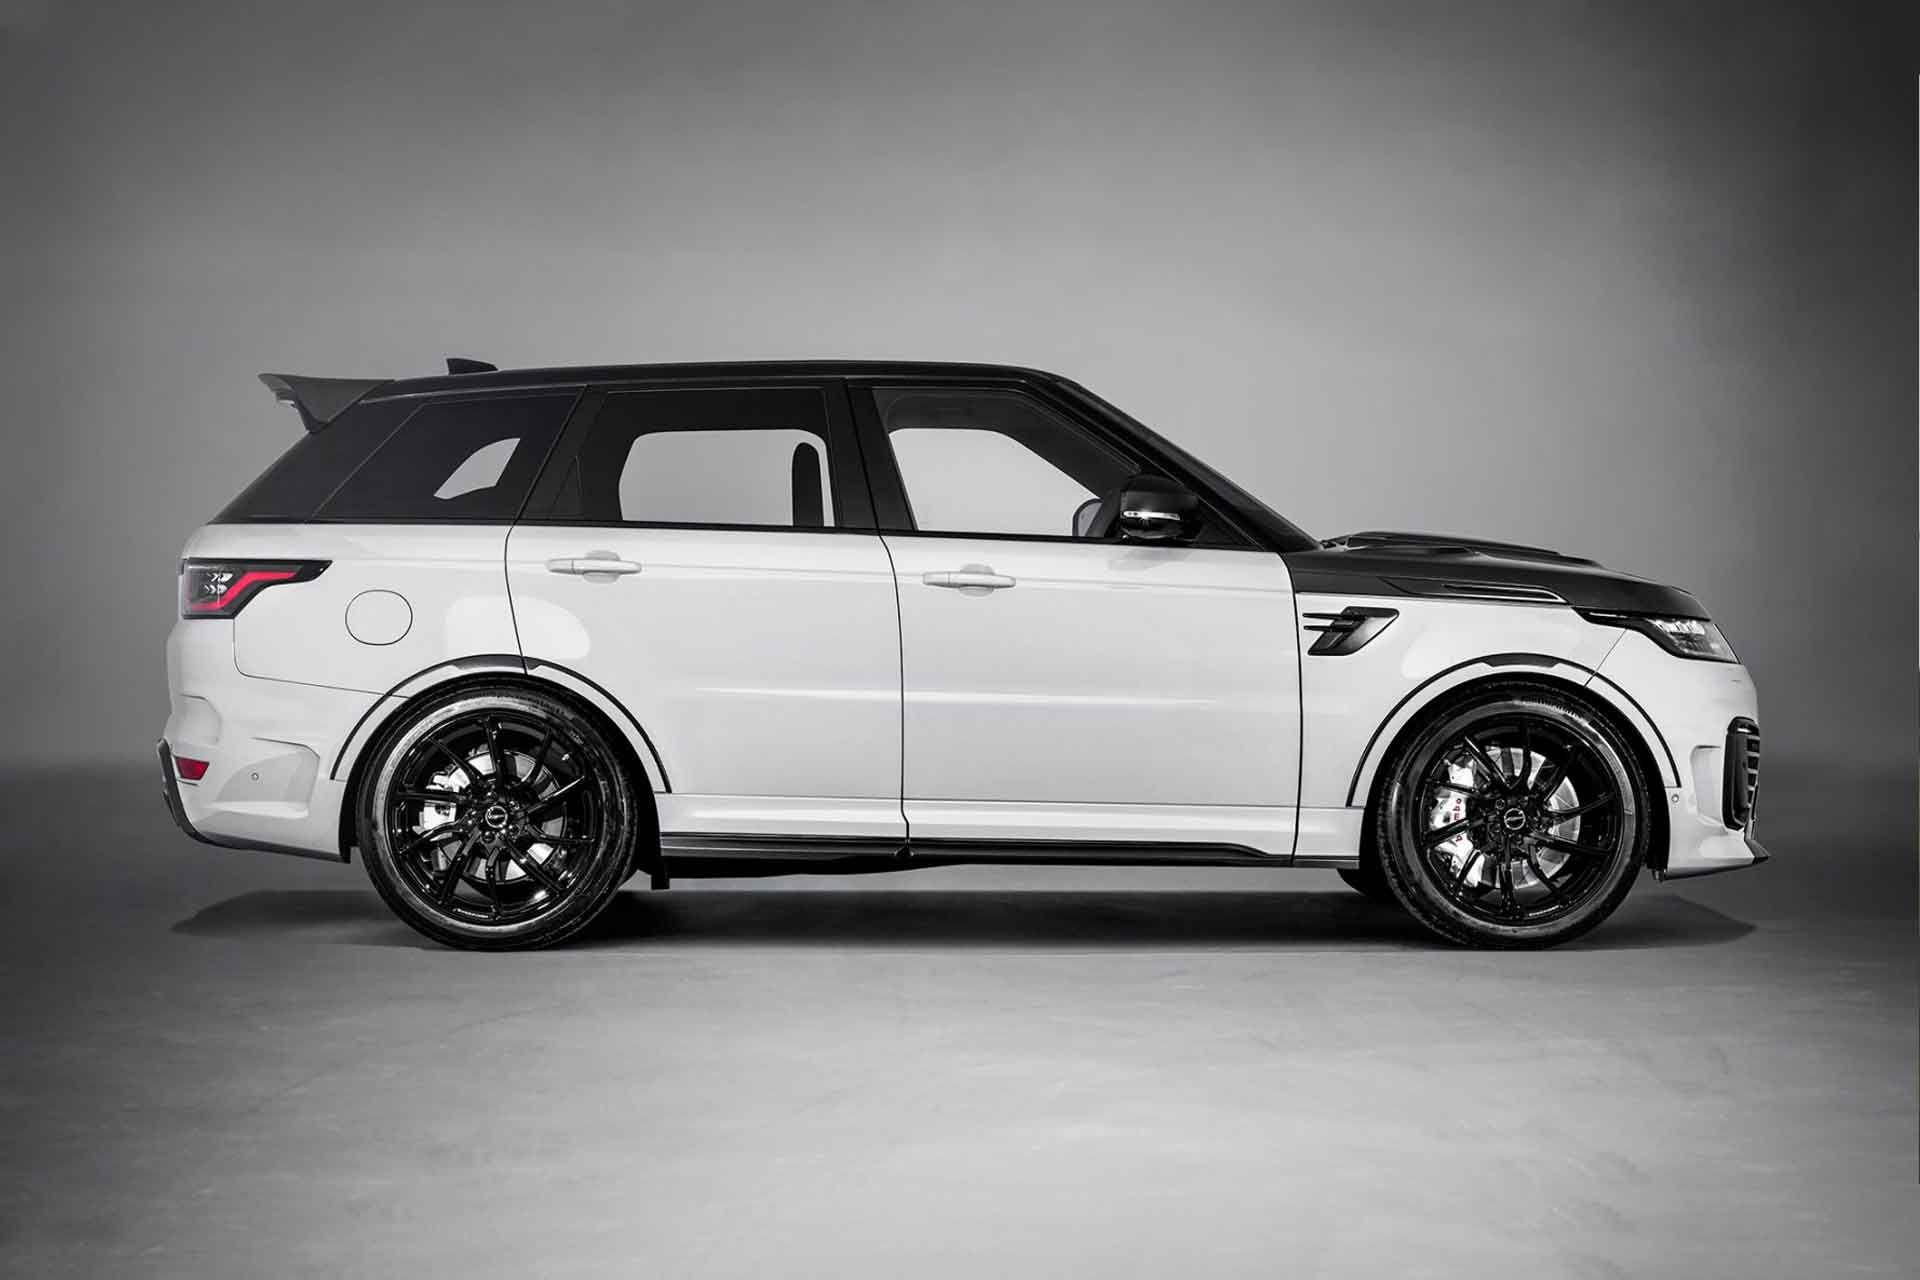 2020 Overfinch Supersport Suv Range Rover Range Rover Sport Mclaren P1 Carbon Series